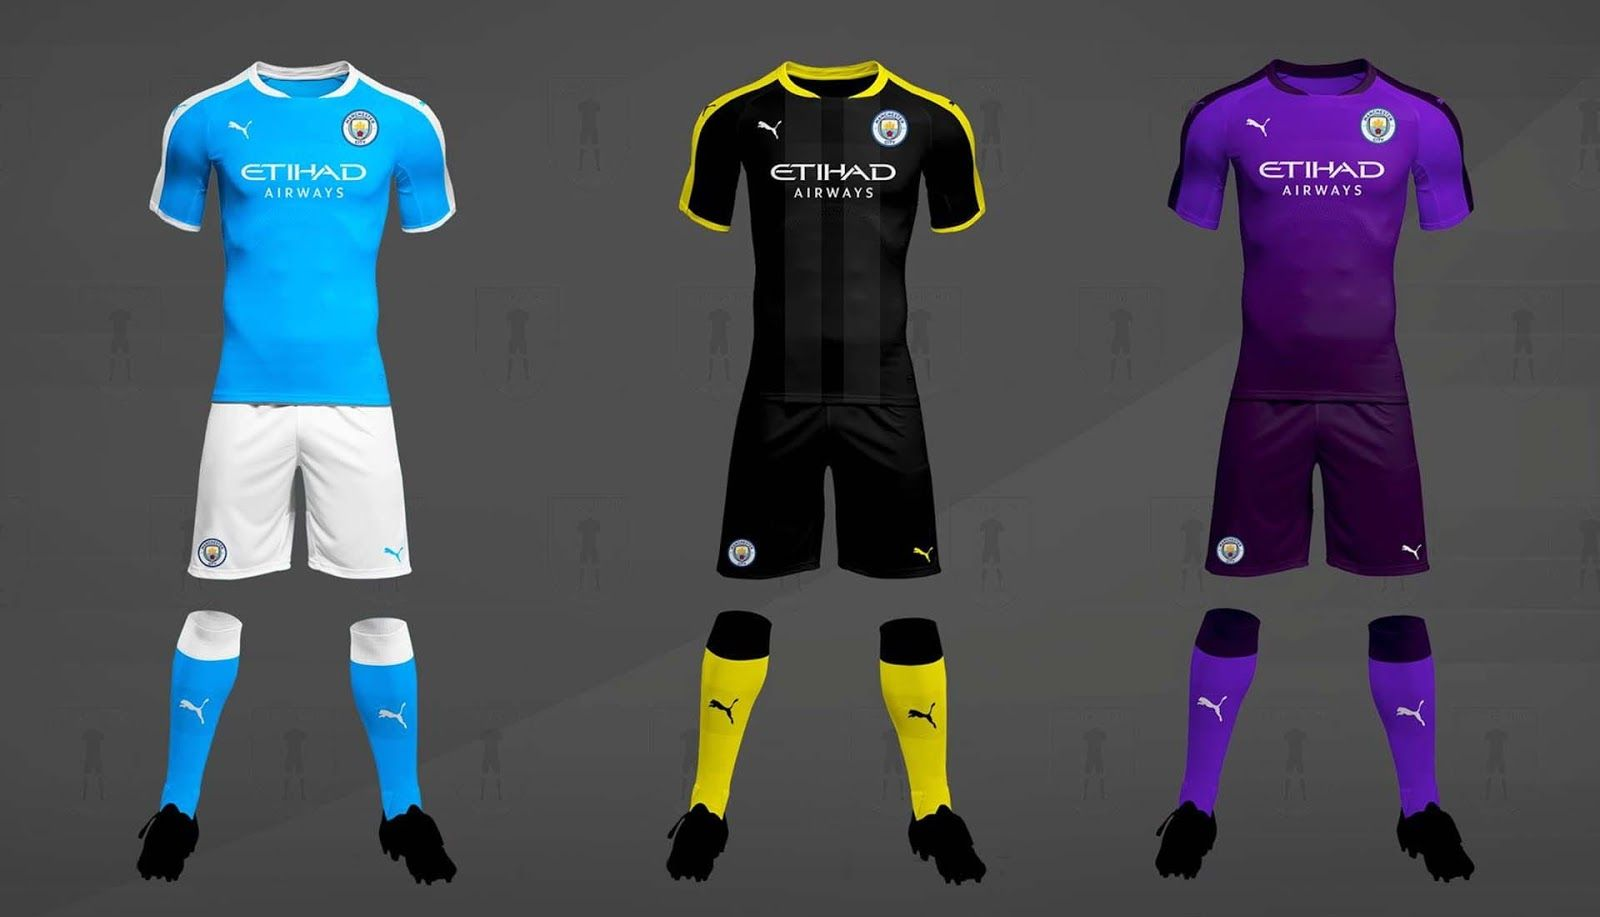 Best Of 13 Unique Puma Manchester City 19 20 Concept Kits